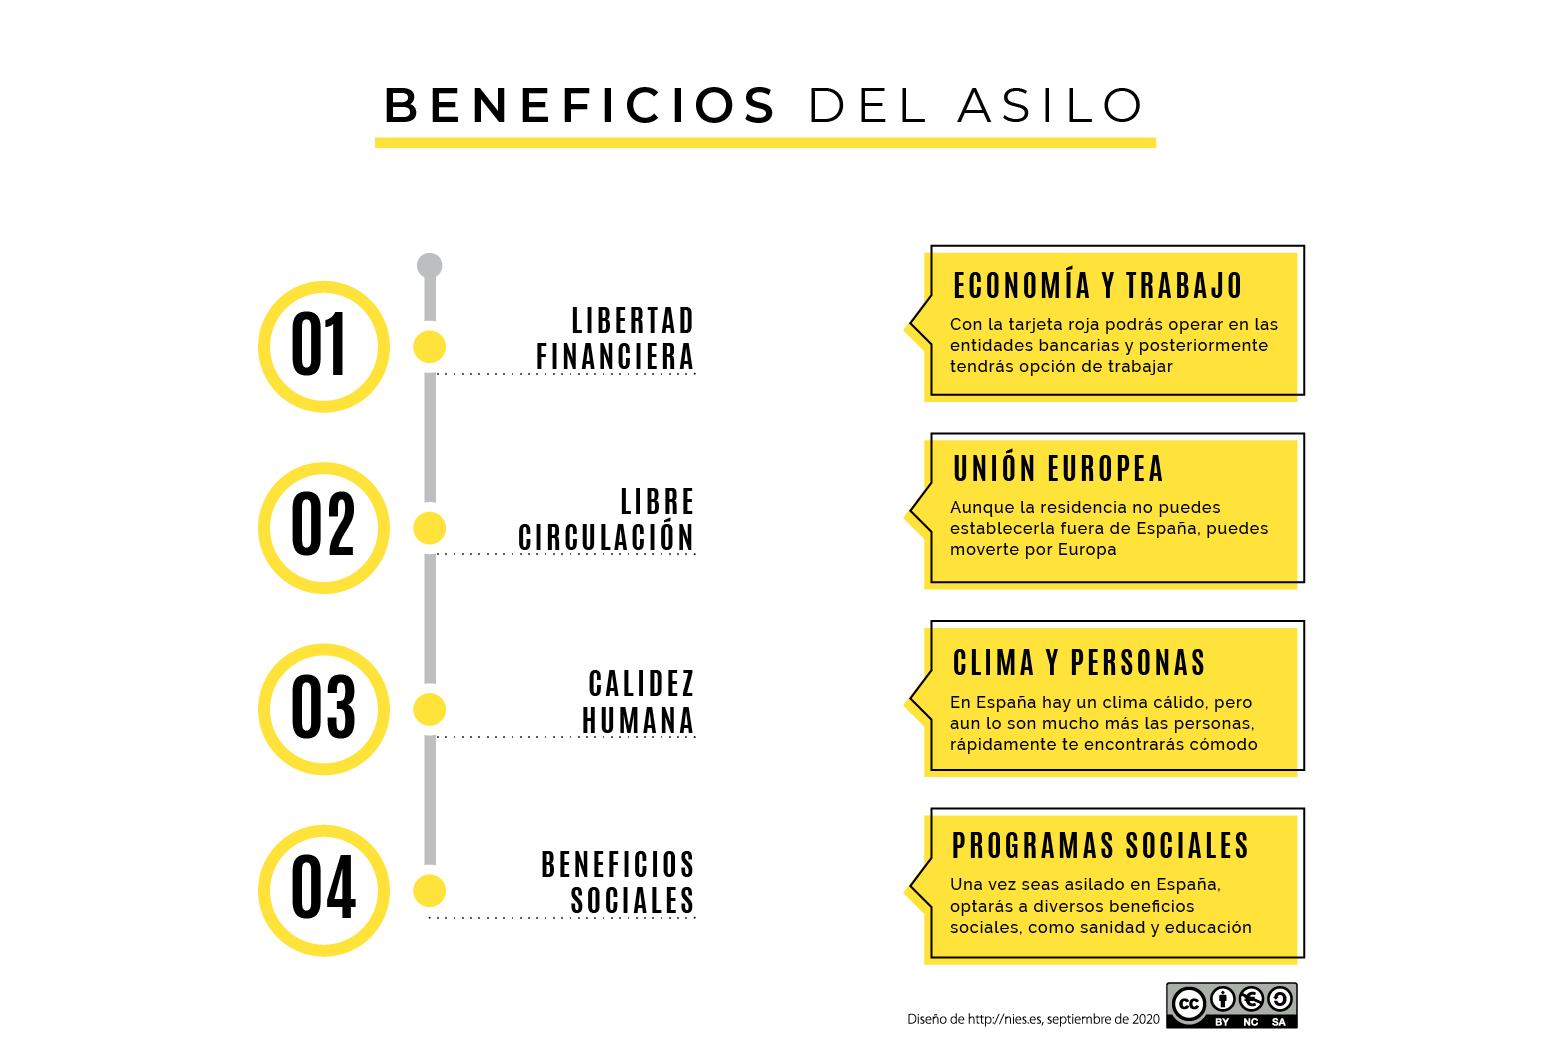 Beneficios que tiene el asilo